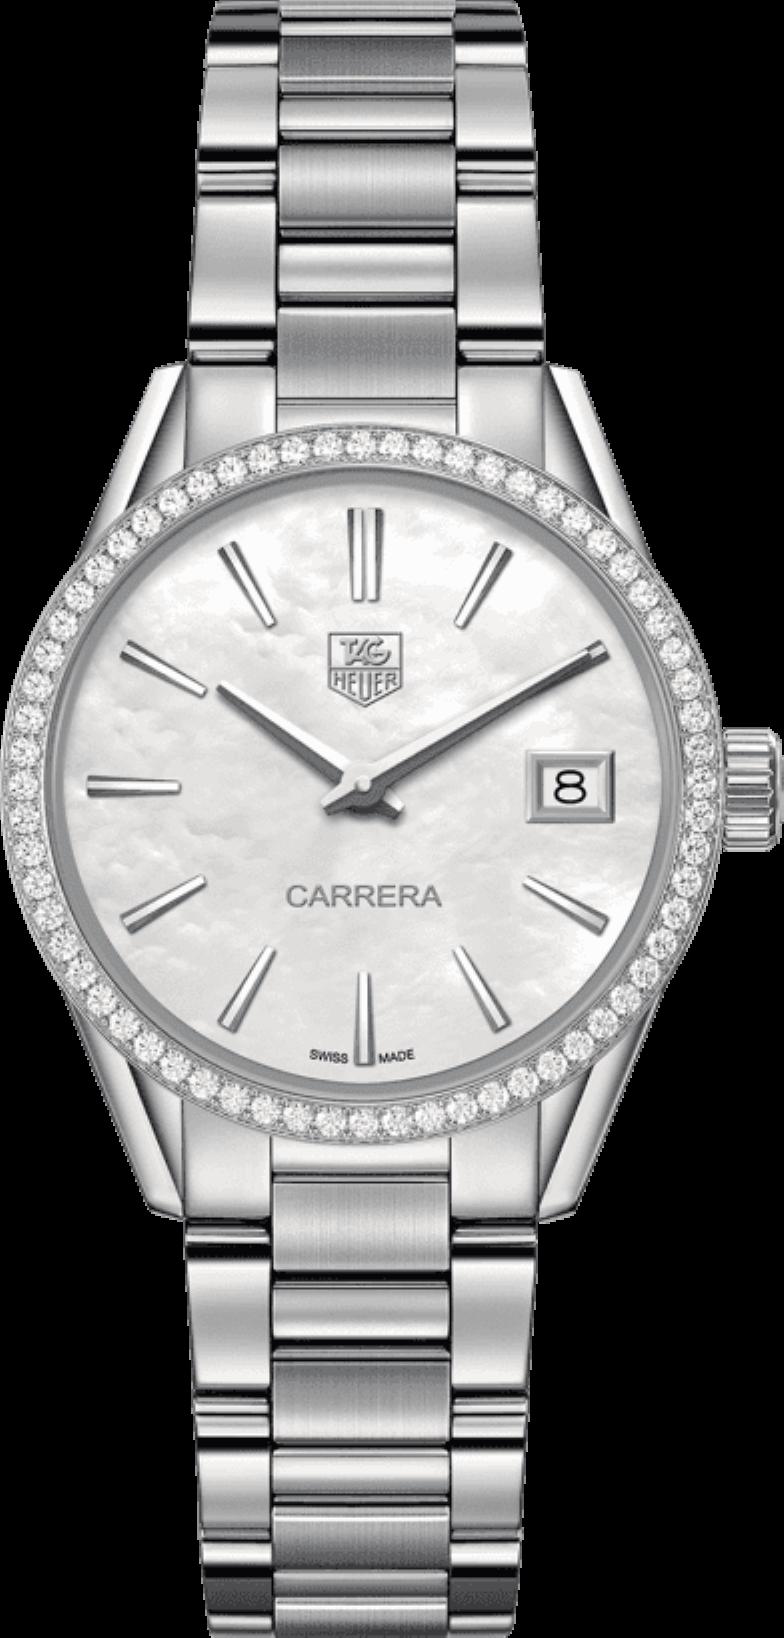 Carrera Lady